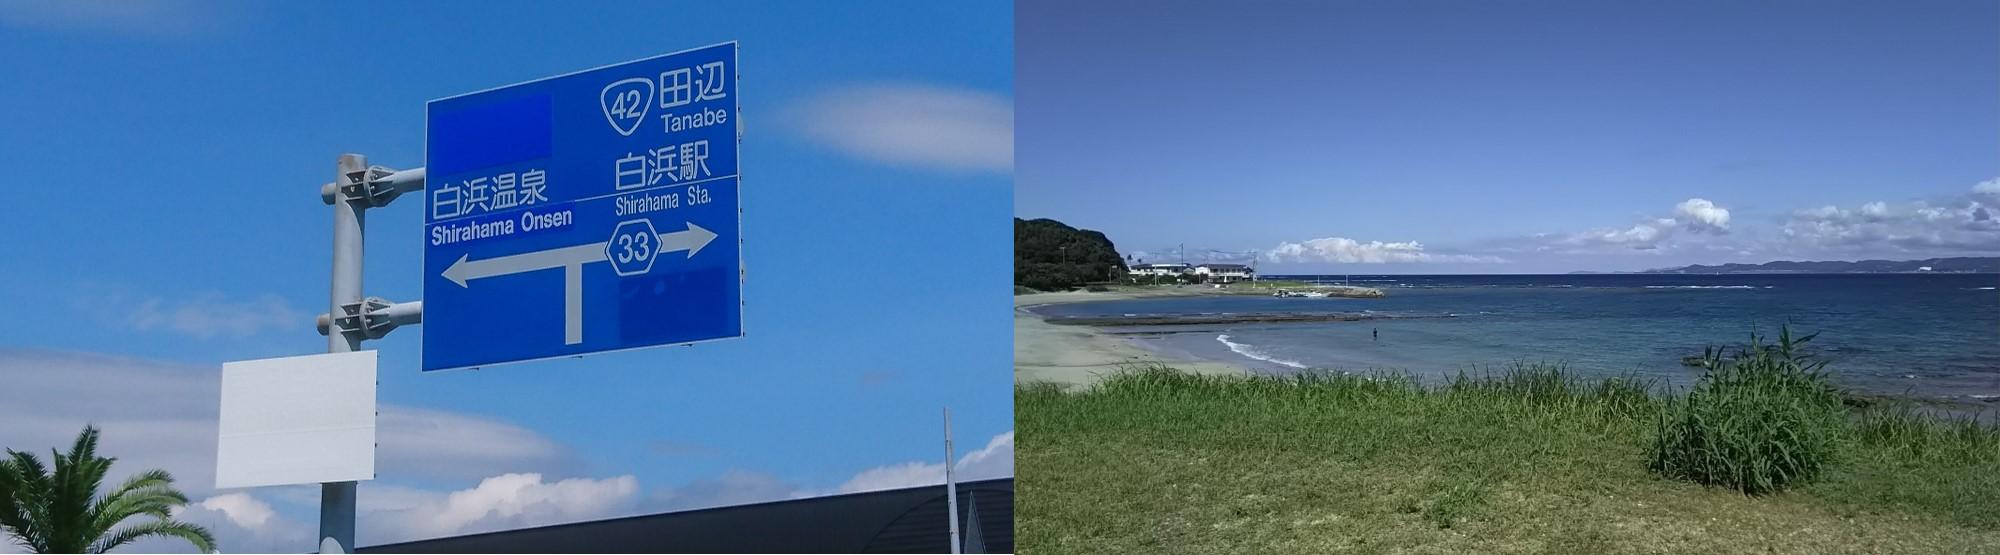 海岸+看板